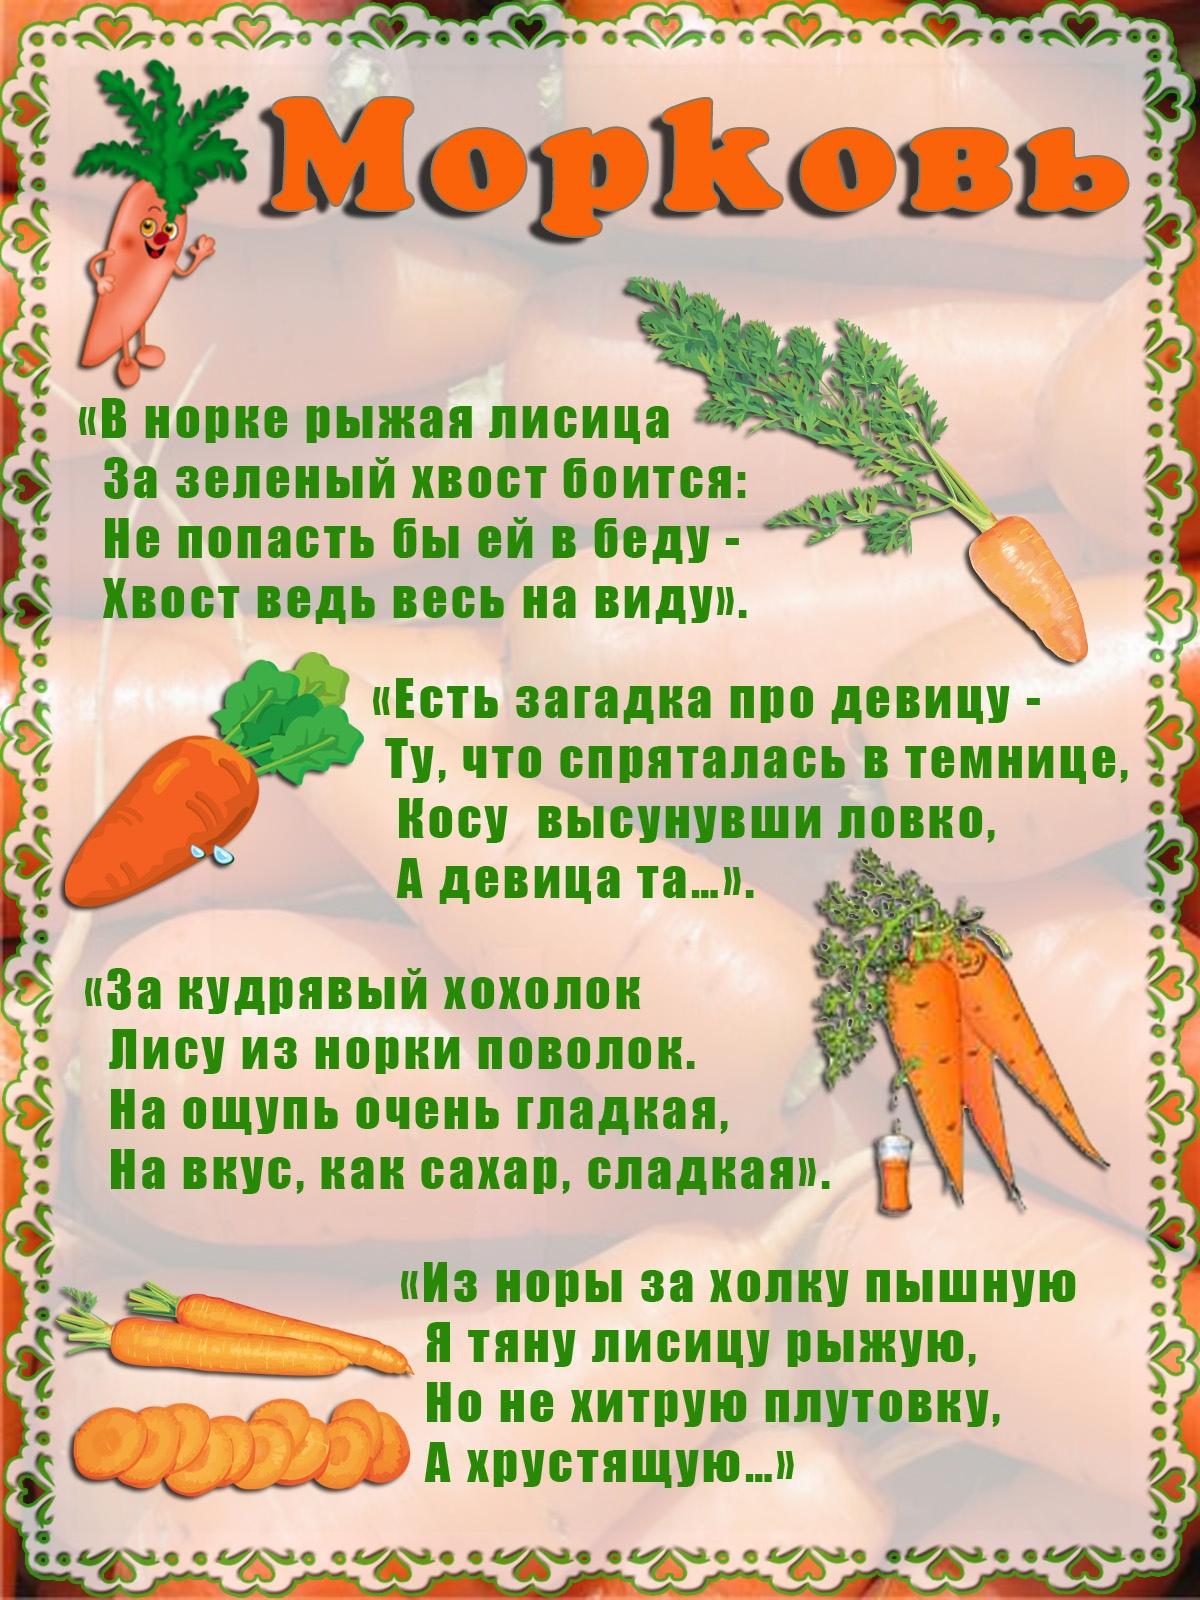 пословицы про овощи с картинками играют важнейшую